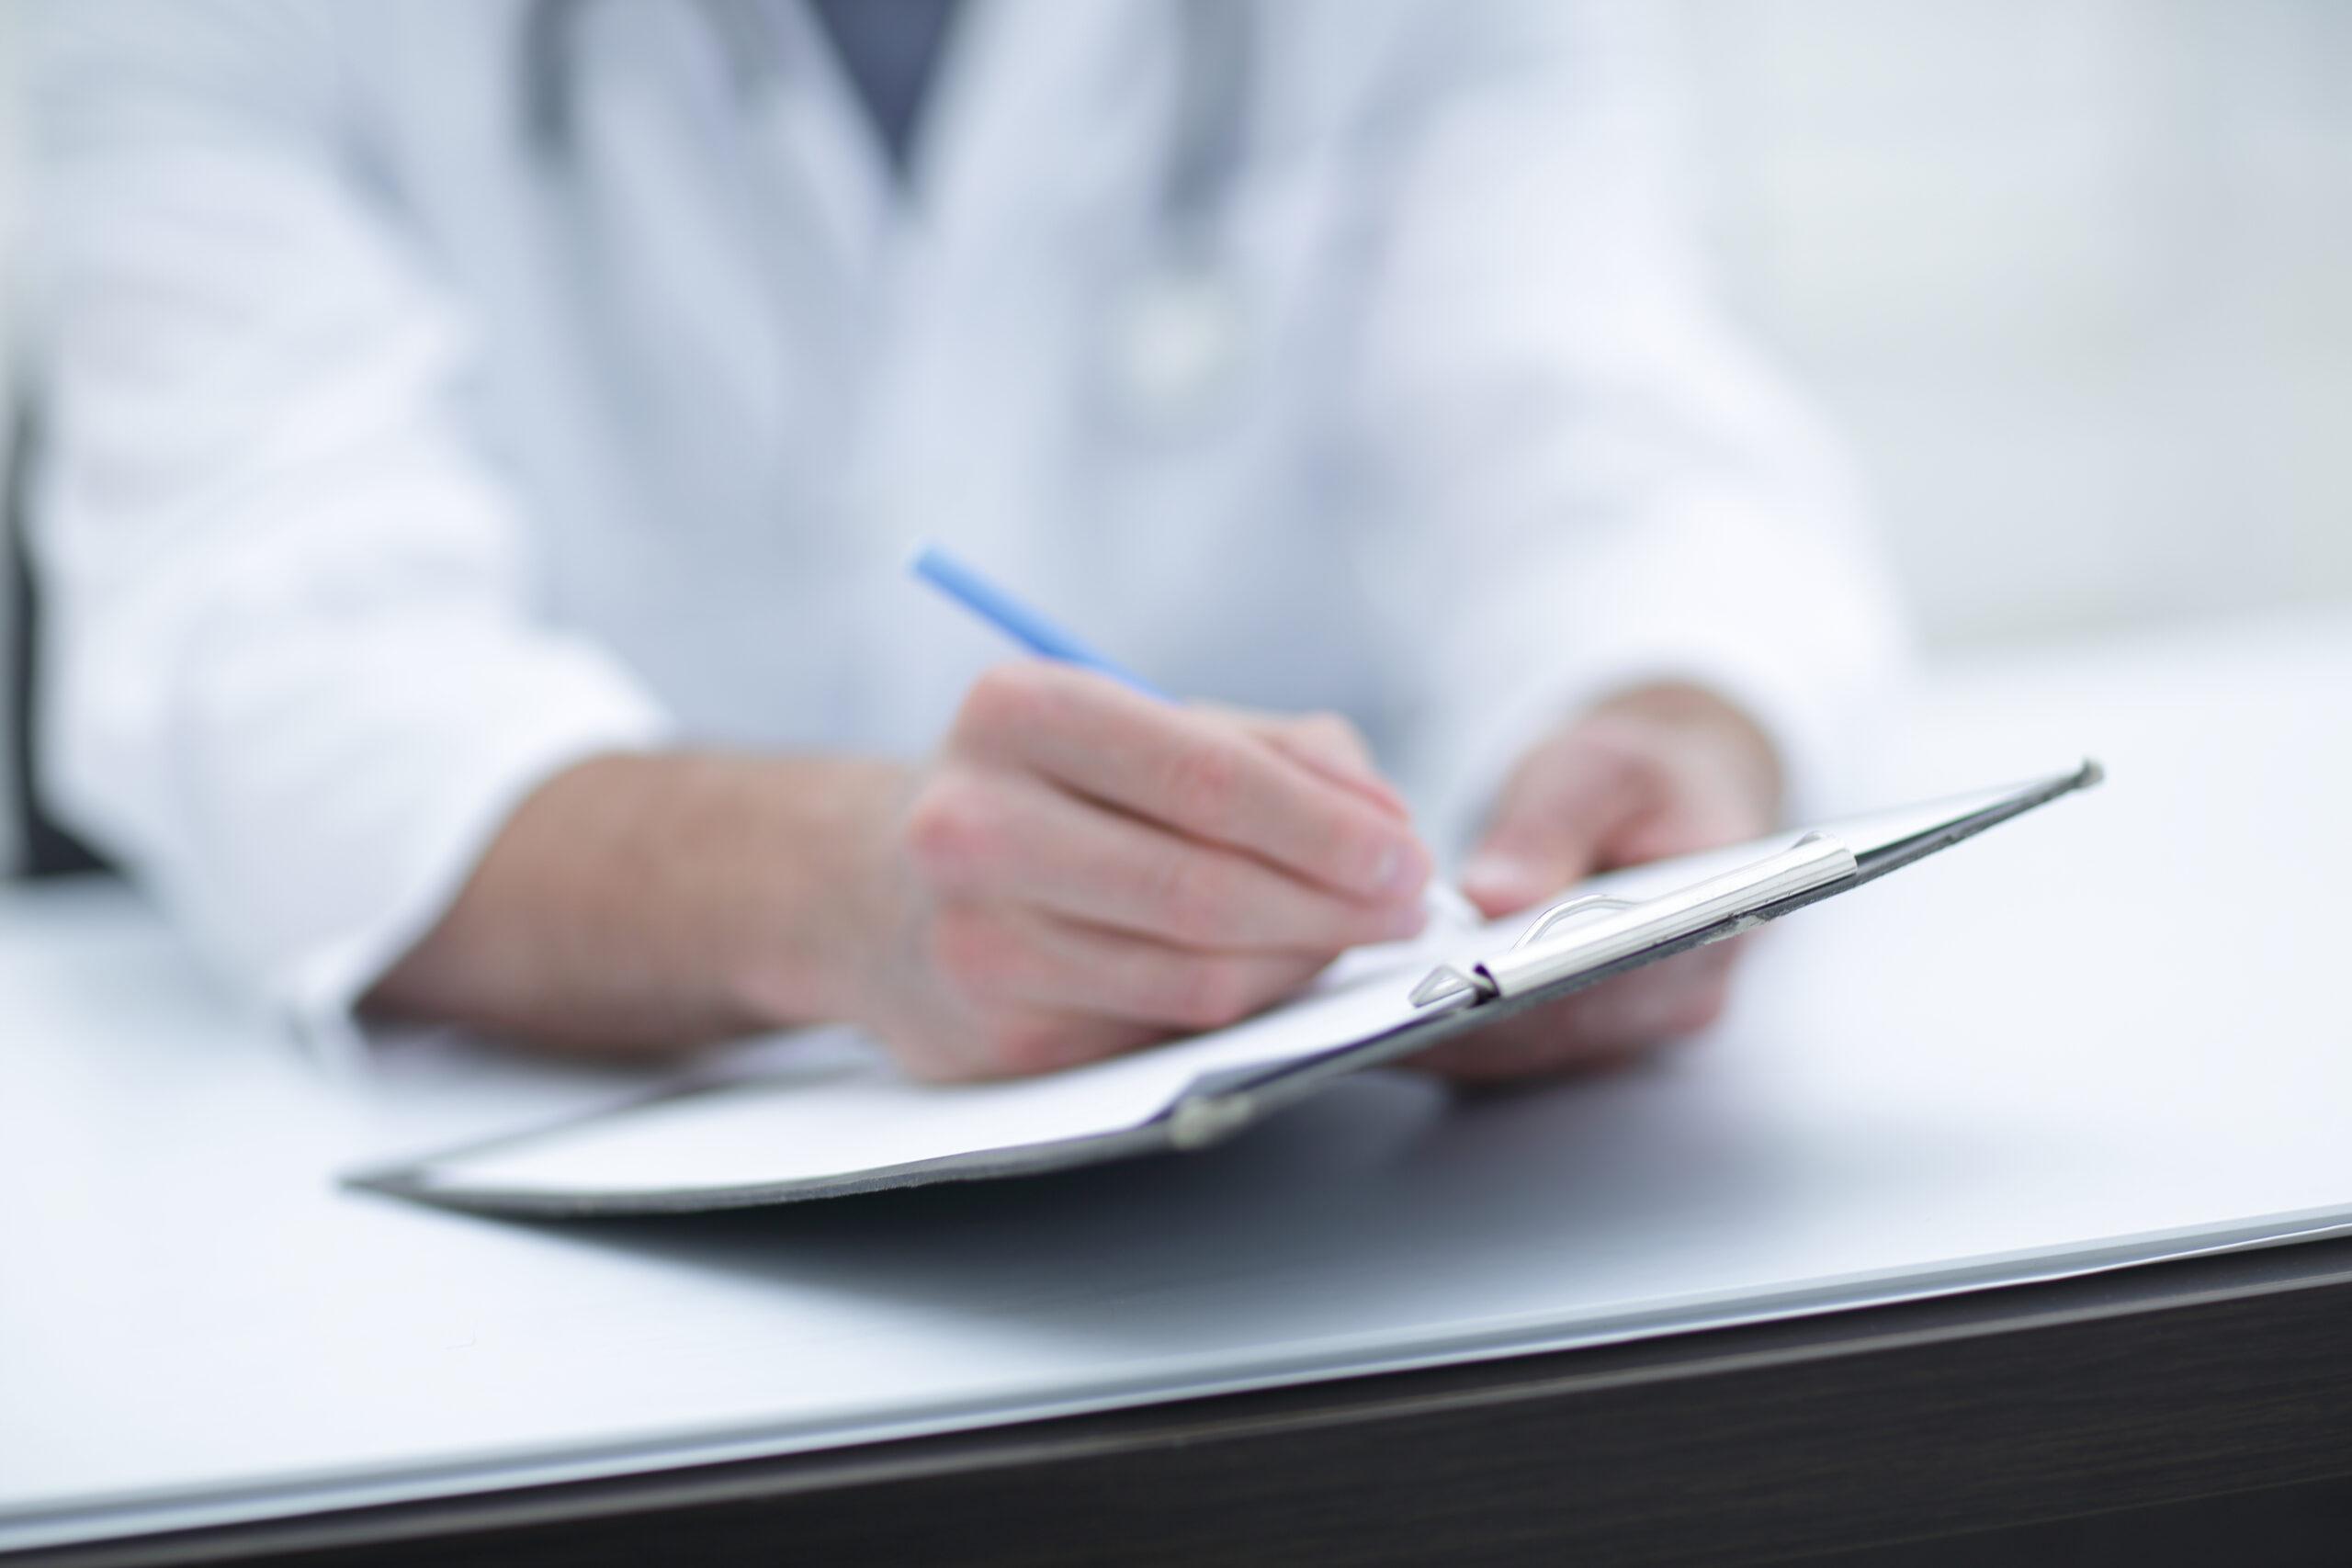 СК возбудил уголовное дело в отношении врача за «диспансеризацию» уже умершего человека